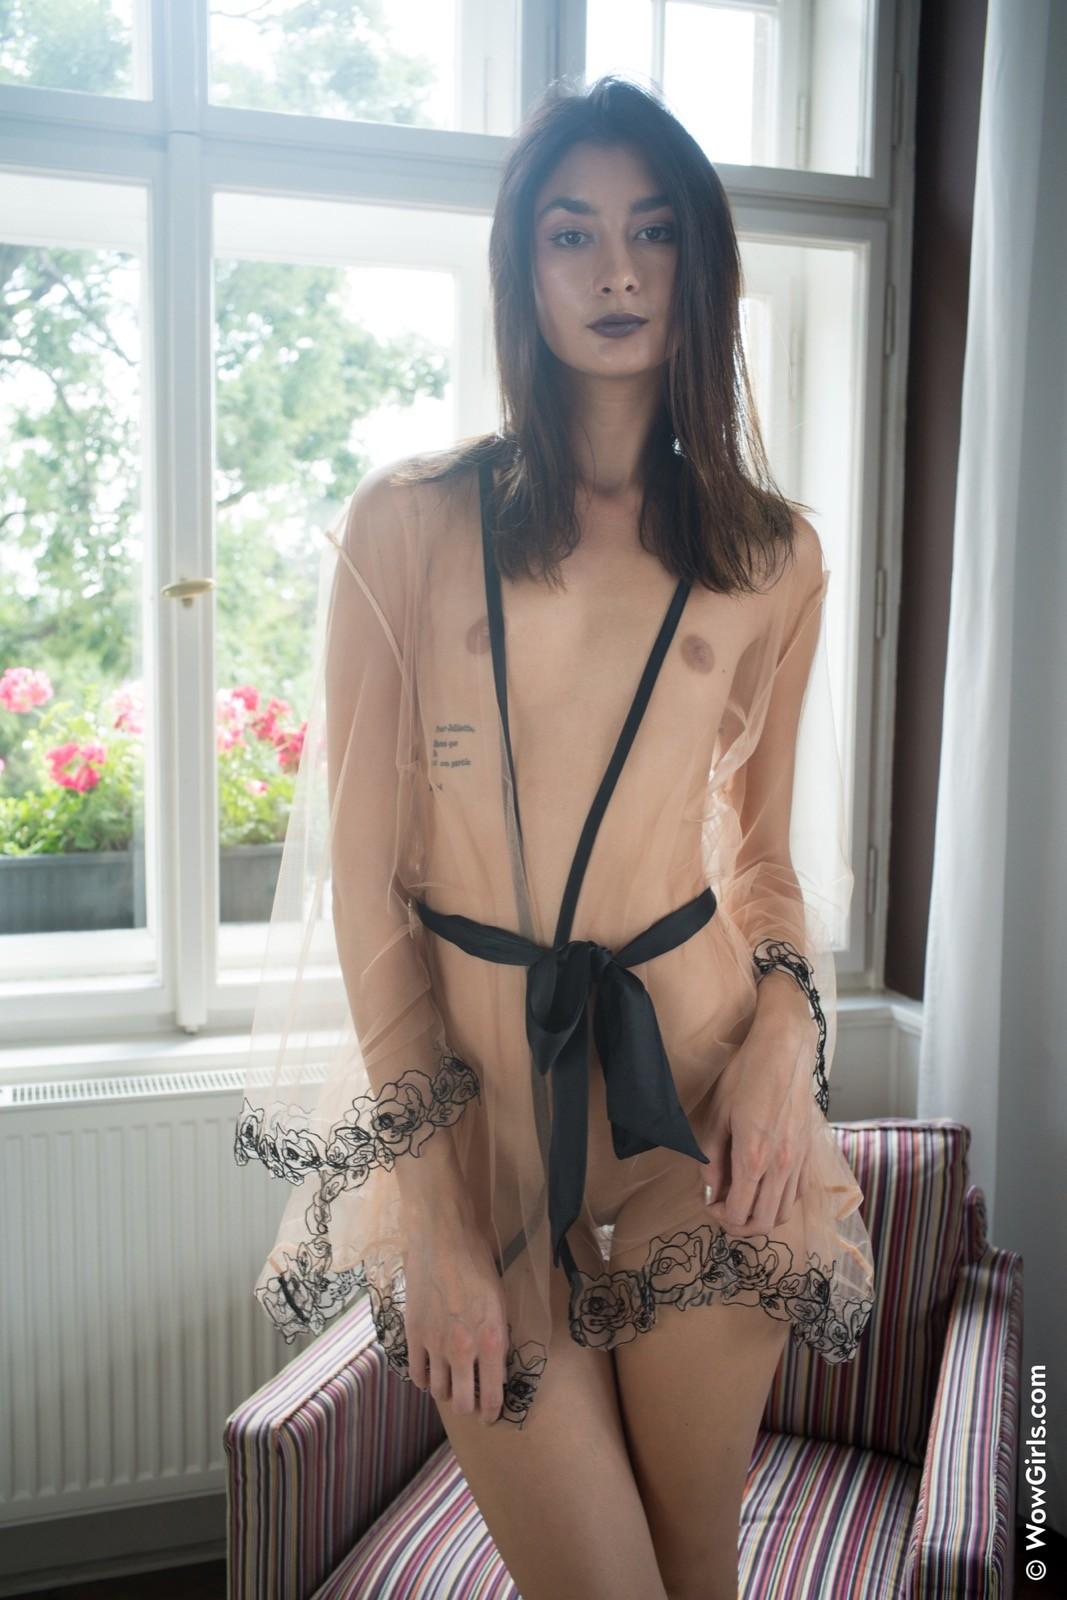 Стройняшка с плоской грудью в халатике - фото